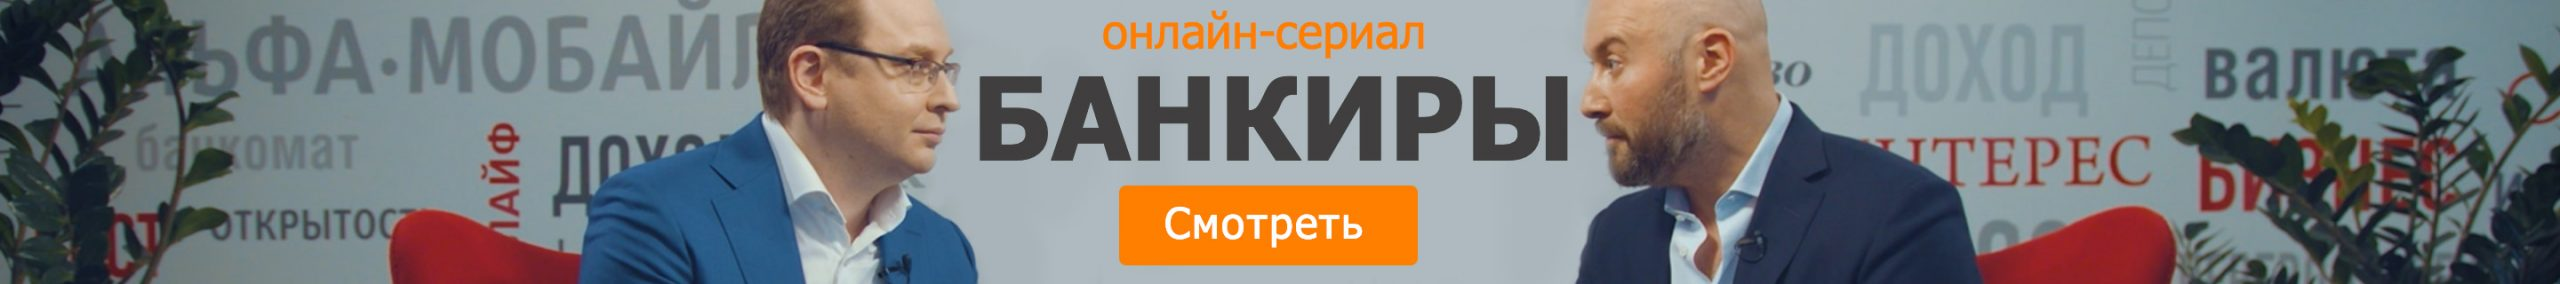 Банкиры. Майкл Тач, зампред, директор по розничному бизнесу Альфа-банка